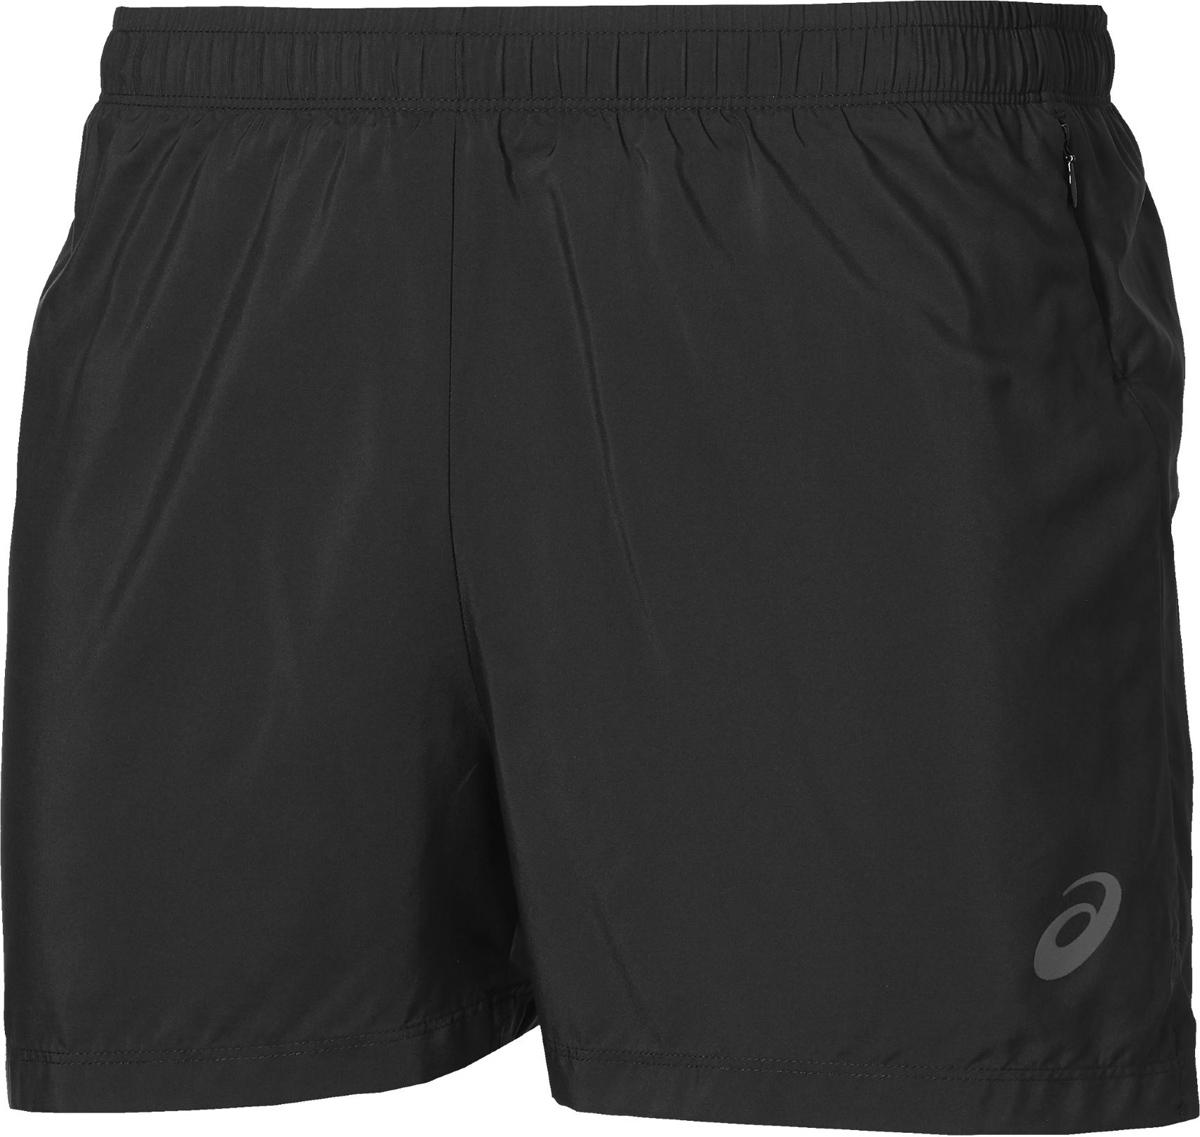 Шорты мужские Asics Split Short, цвет: черный. 134092-0904. Размер XL (50) шорты мужские asics gpx knit short 9in цвет черный 141095 0904 размер xxl 54 56